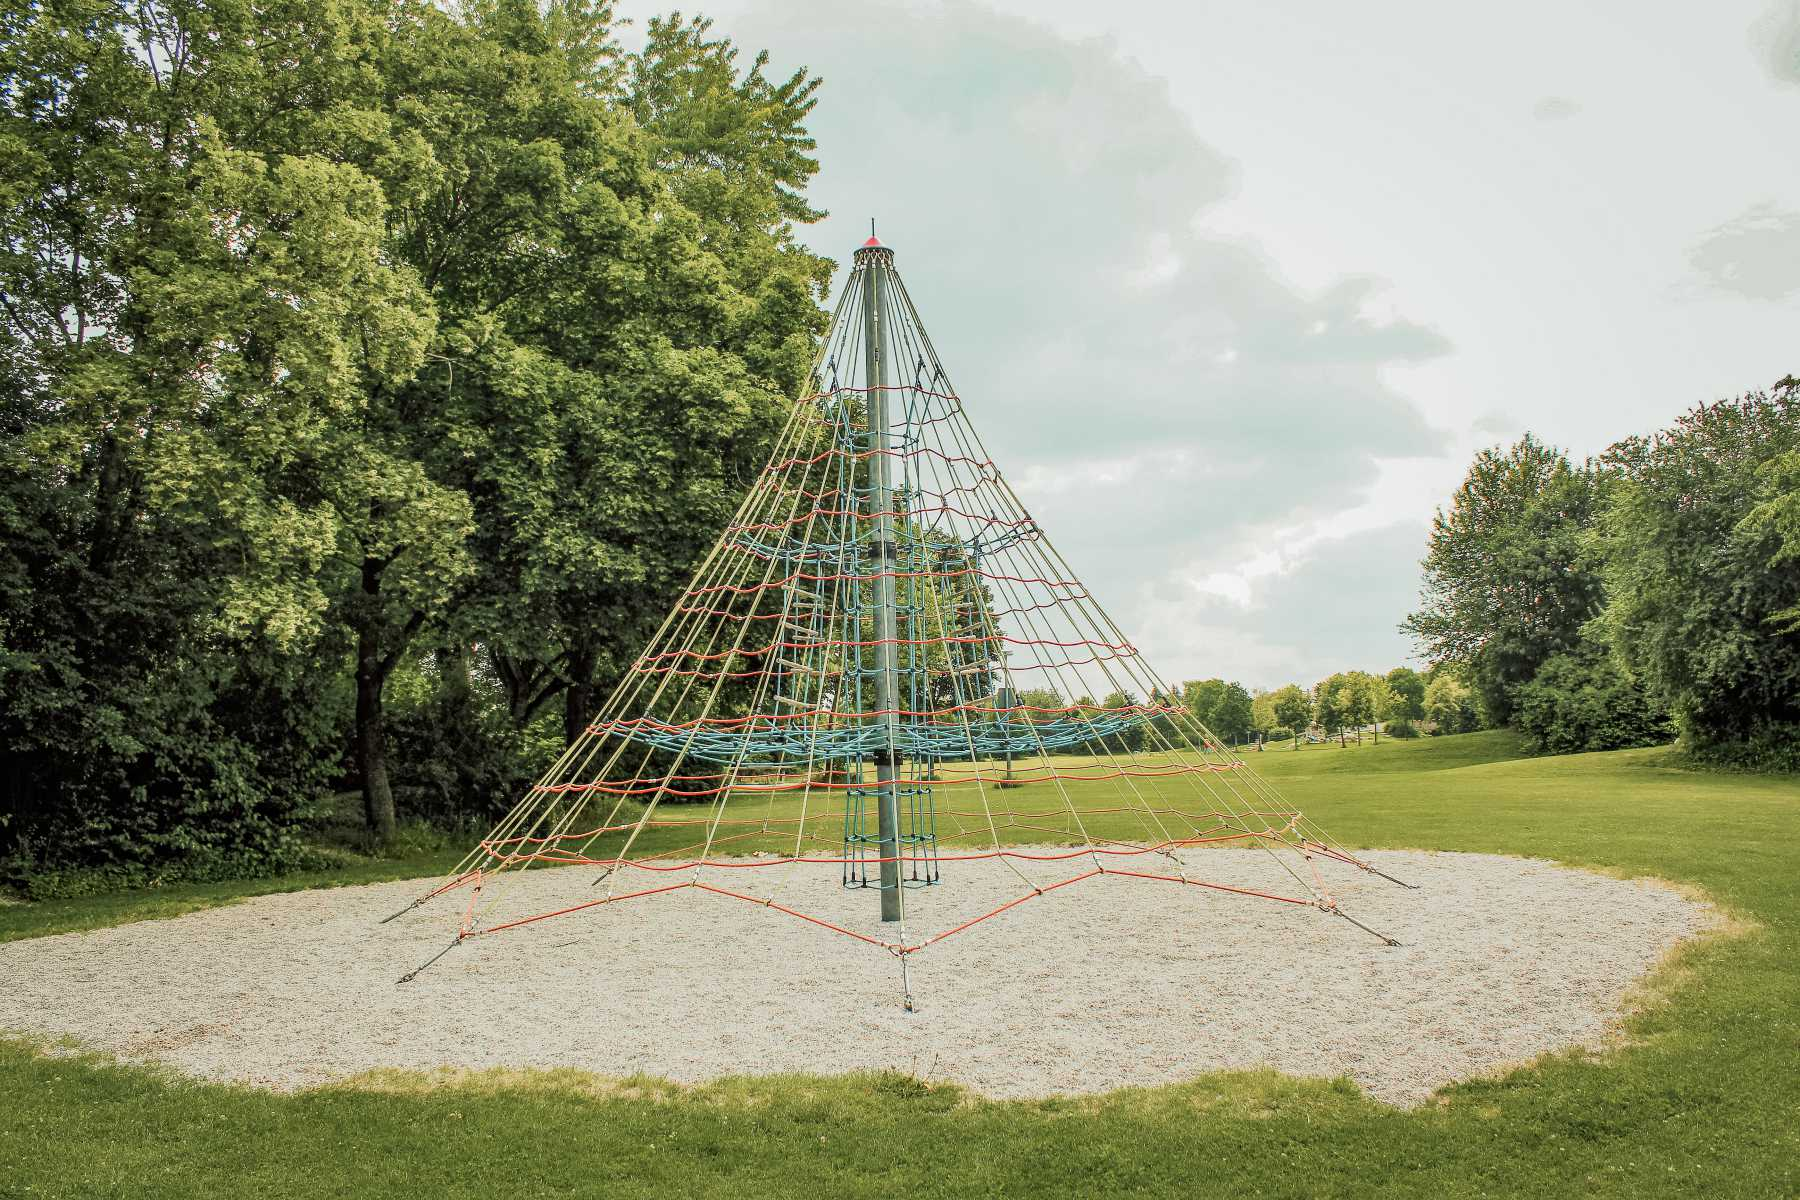 geheimtipp Augsburg Spielplatz